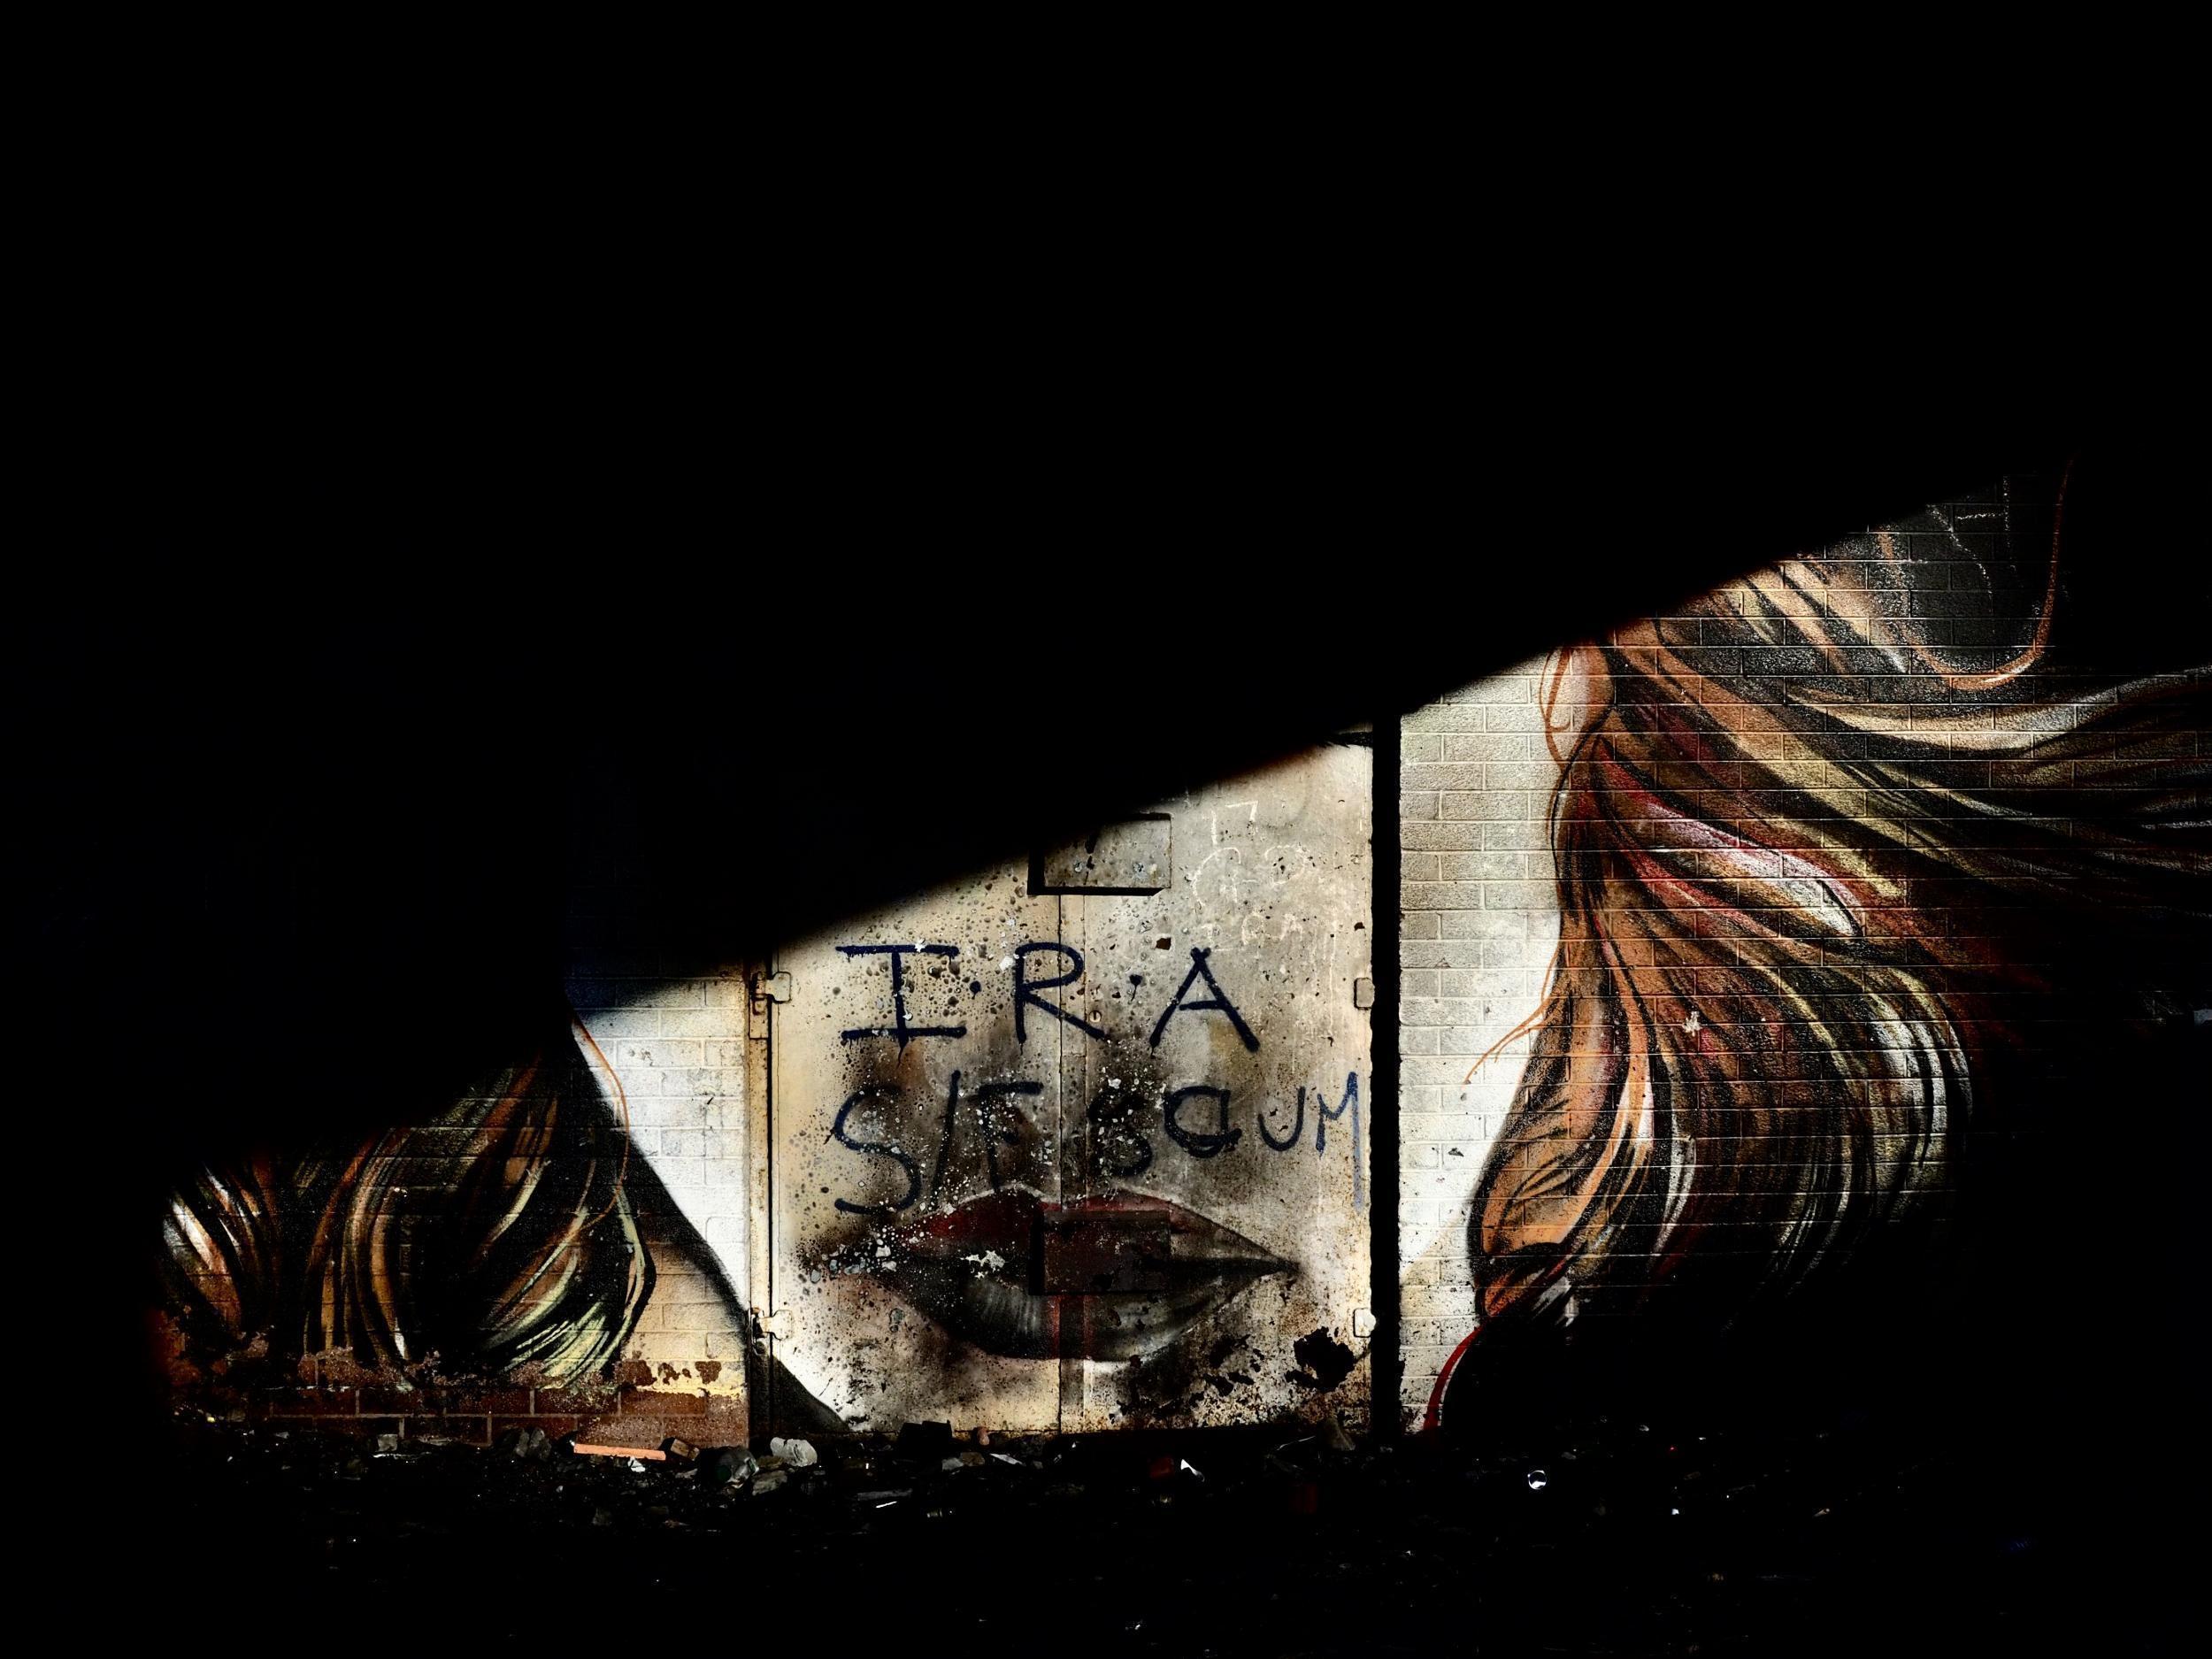 """Derry, Londonderry: """"IRA – geci SIF"""" – Egy autóhíd alatt egy vörös hajú és vörösre rúzsozott nő arca, akire egy IRA-t támogató, valamint a Közösségi Beruházási Alapot sértegető üzenetet tetováltak. (Richard Morgan / The Independent)"""